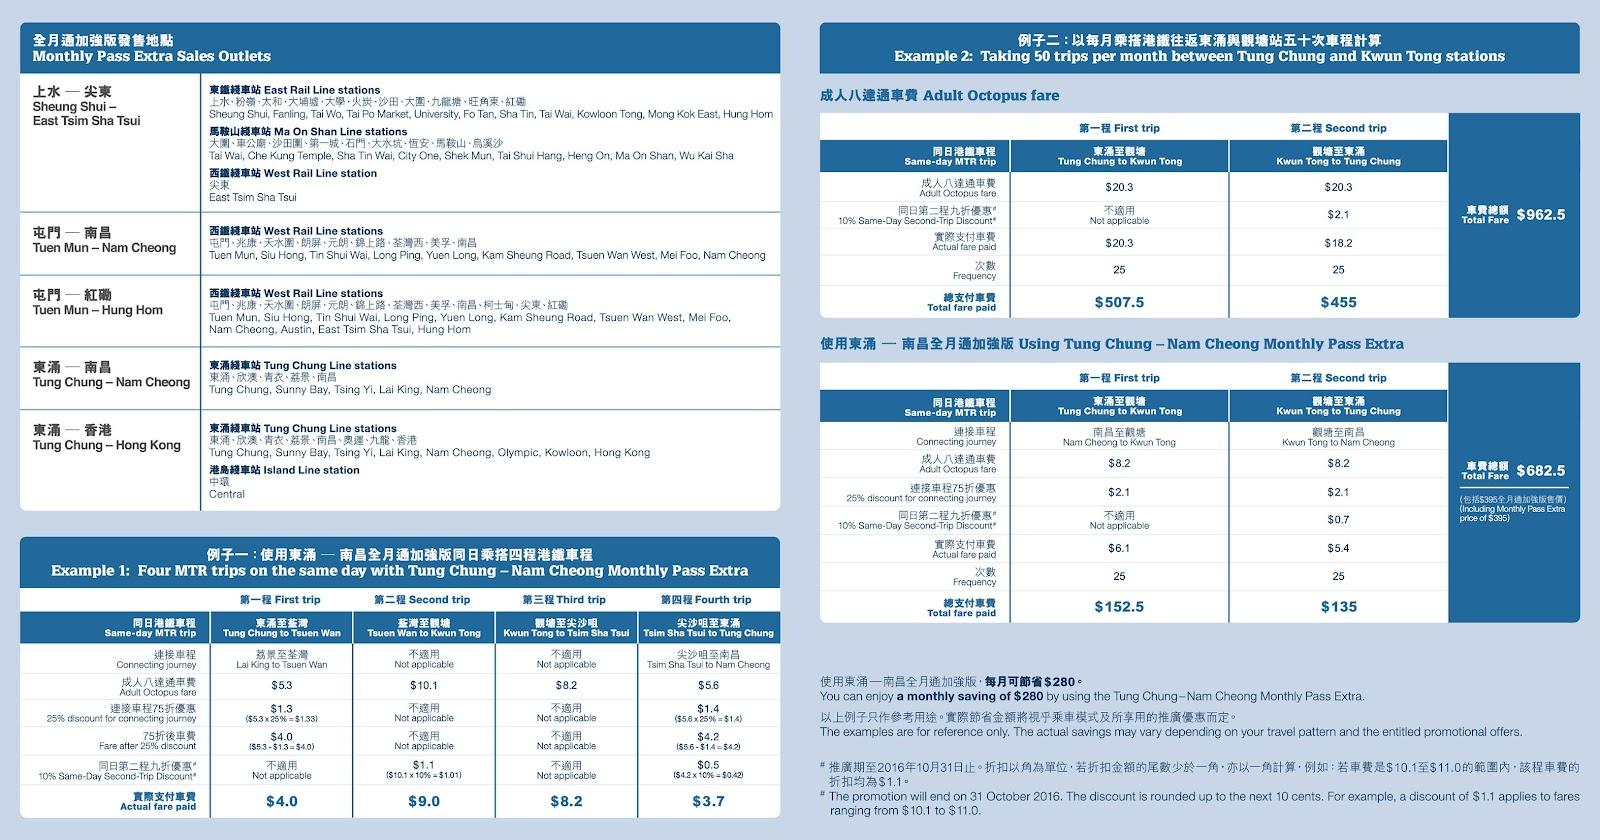 車票 Tickets : 全月通加強版 (2016.07.01)